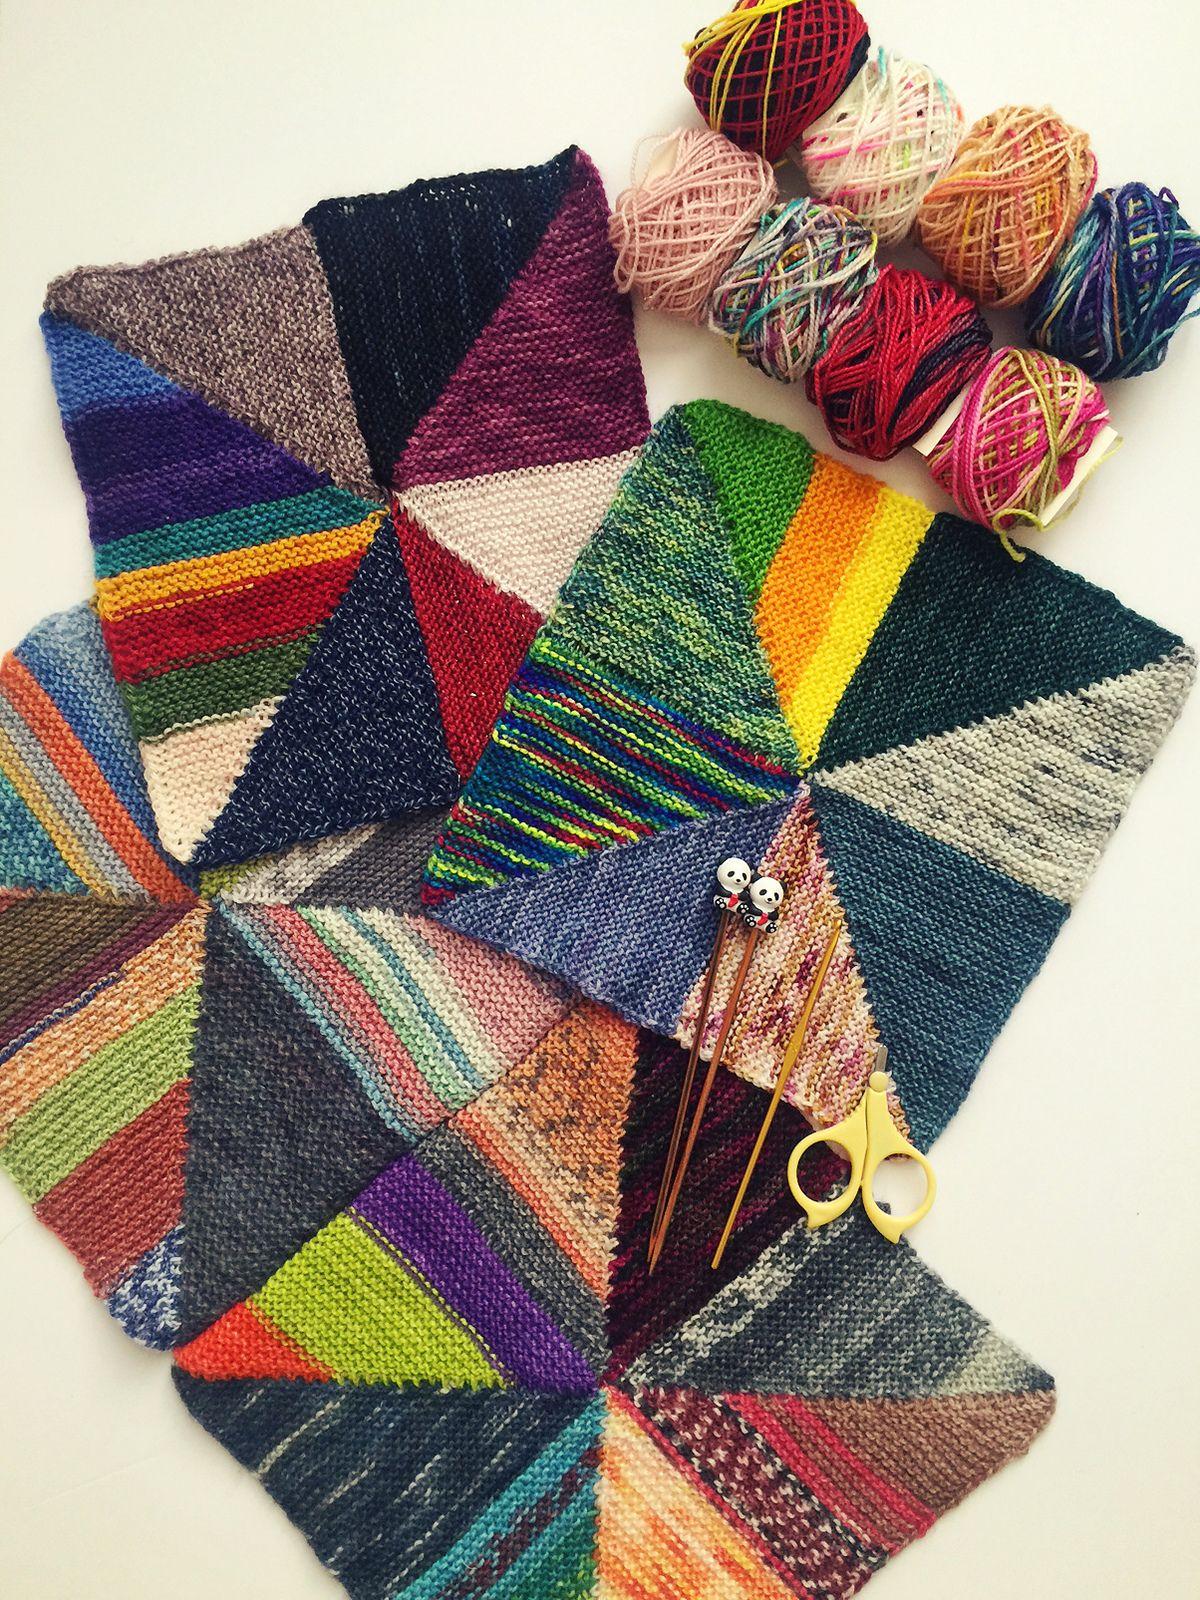 Pinwheel Scrap Blanket Pattern By Knitting Expat Designs